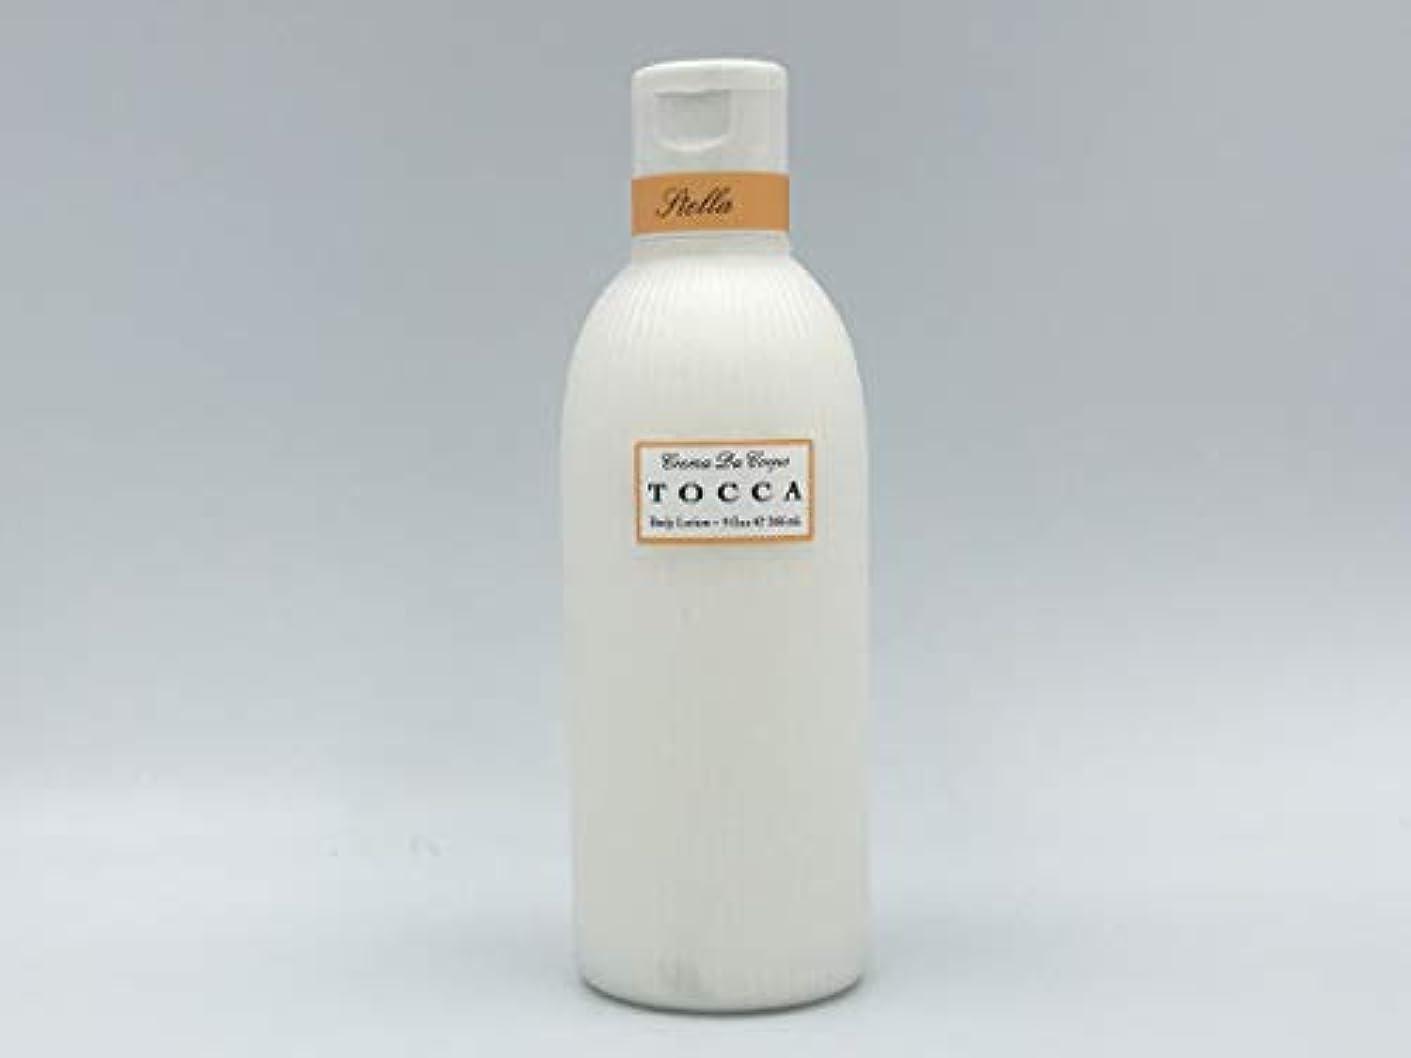 居間自分のためにしなければならないトッカ TOCCA ボディローション ステラ 266ml (香水/コスメ) 新品 [並行輸入品]